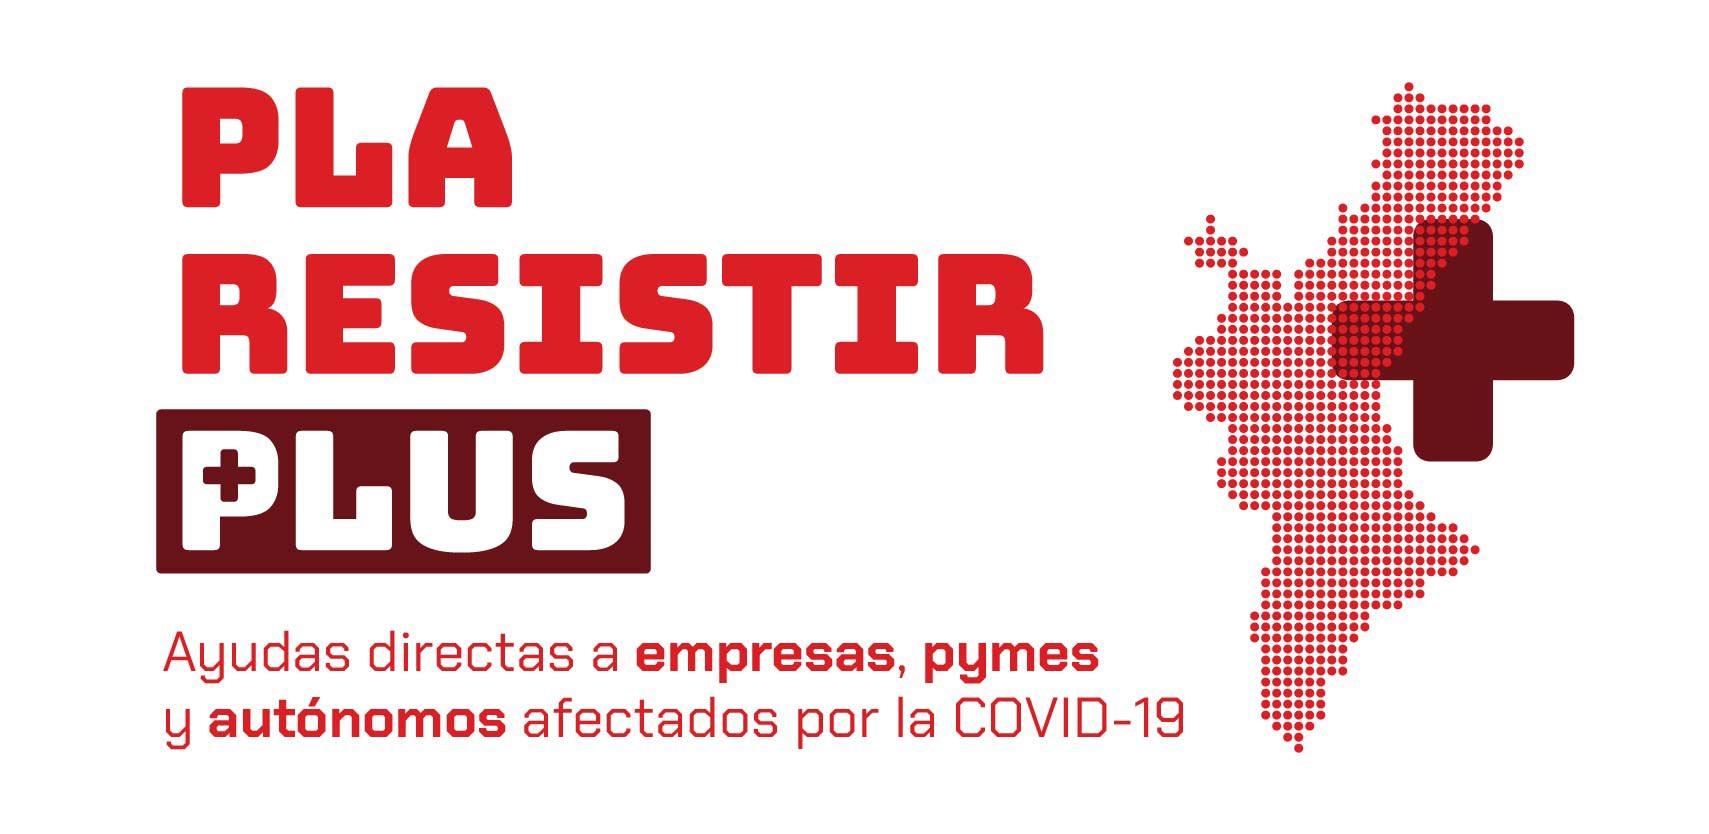 """Nuevas Ayudas (Fase 2) del """"Plan Resistir Plus"""" (28.07.21 al 20.08.21)  !!"""